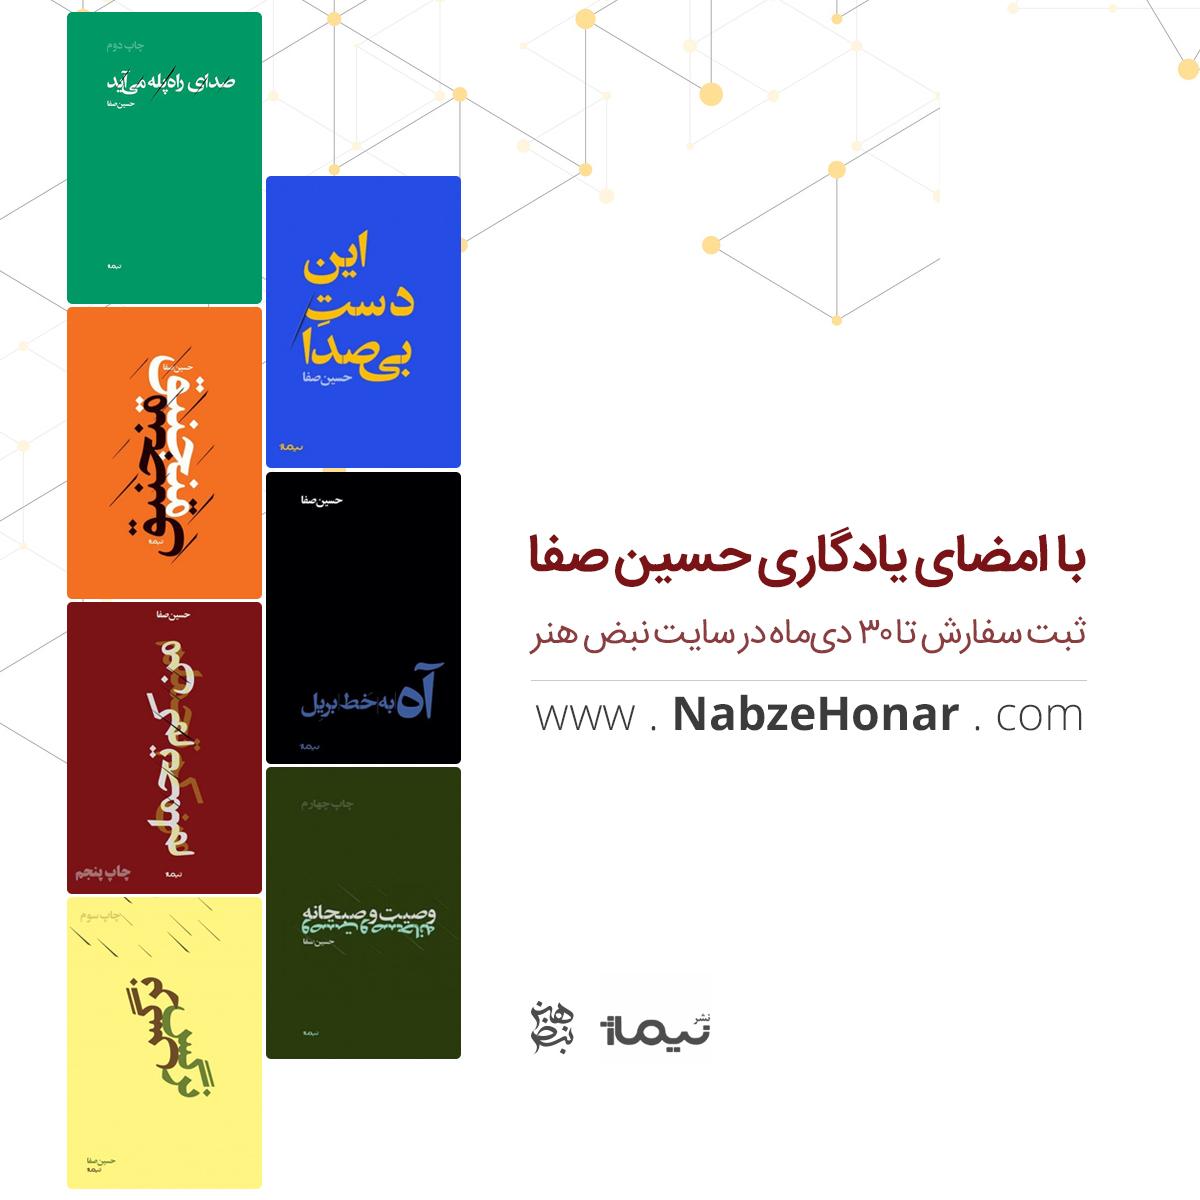 آثار حسین صفا با امضای یادگاری شاعر